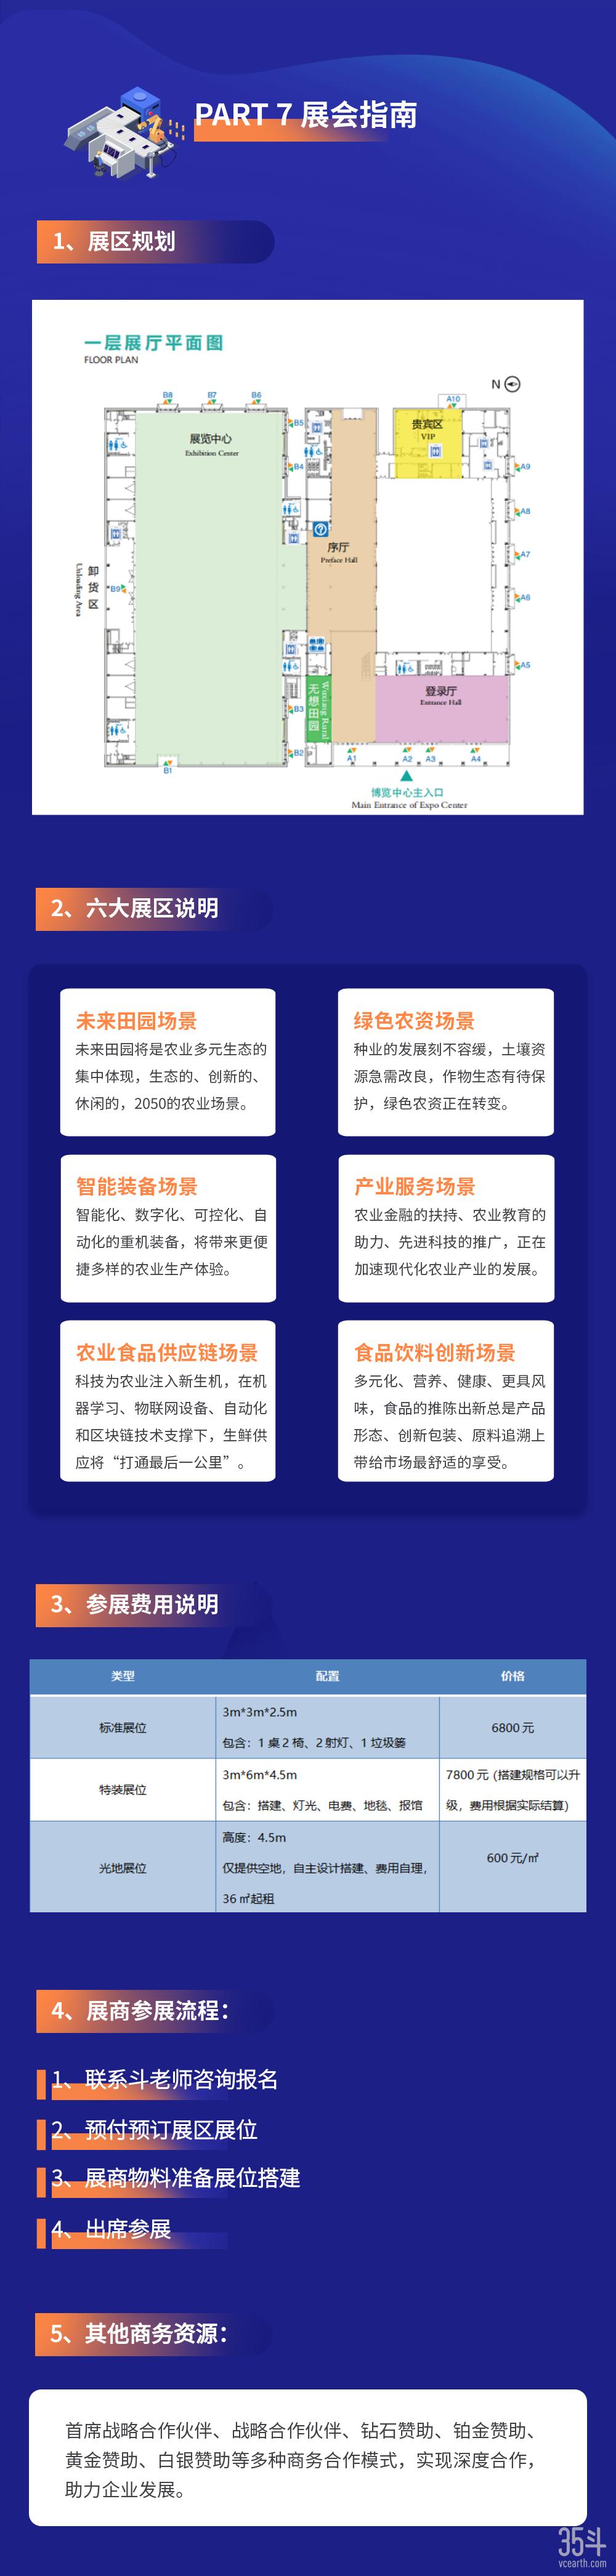 新媒体课程直播回顾科技背景长图 (1).png